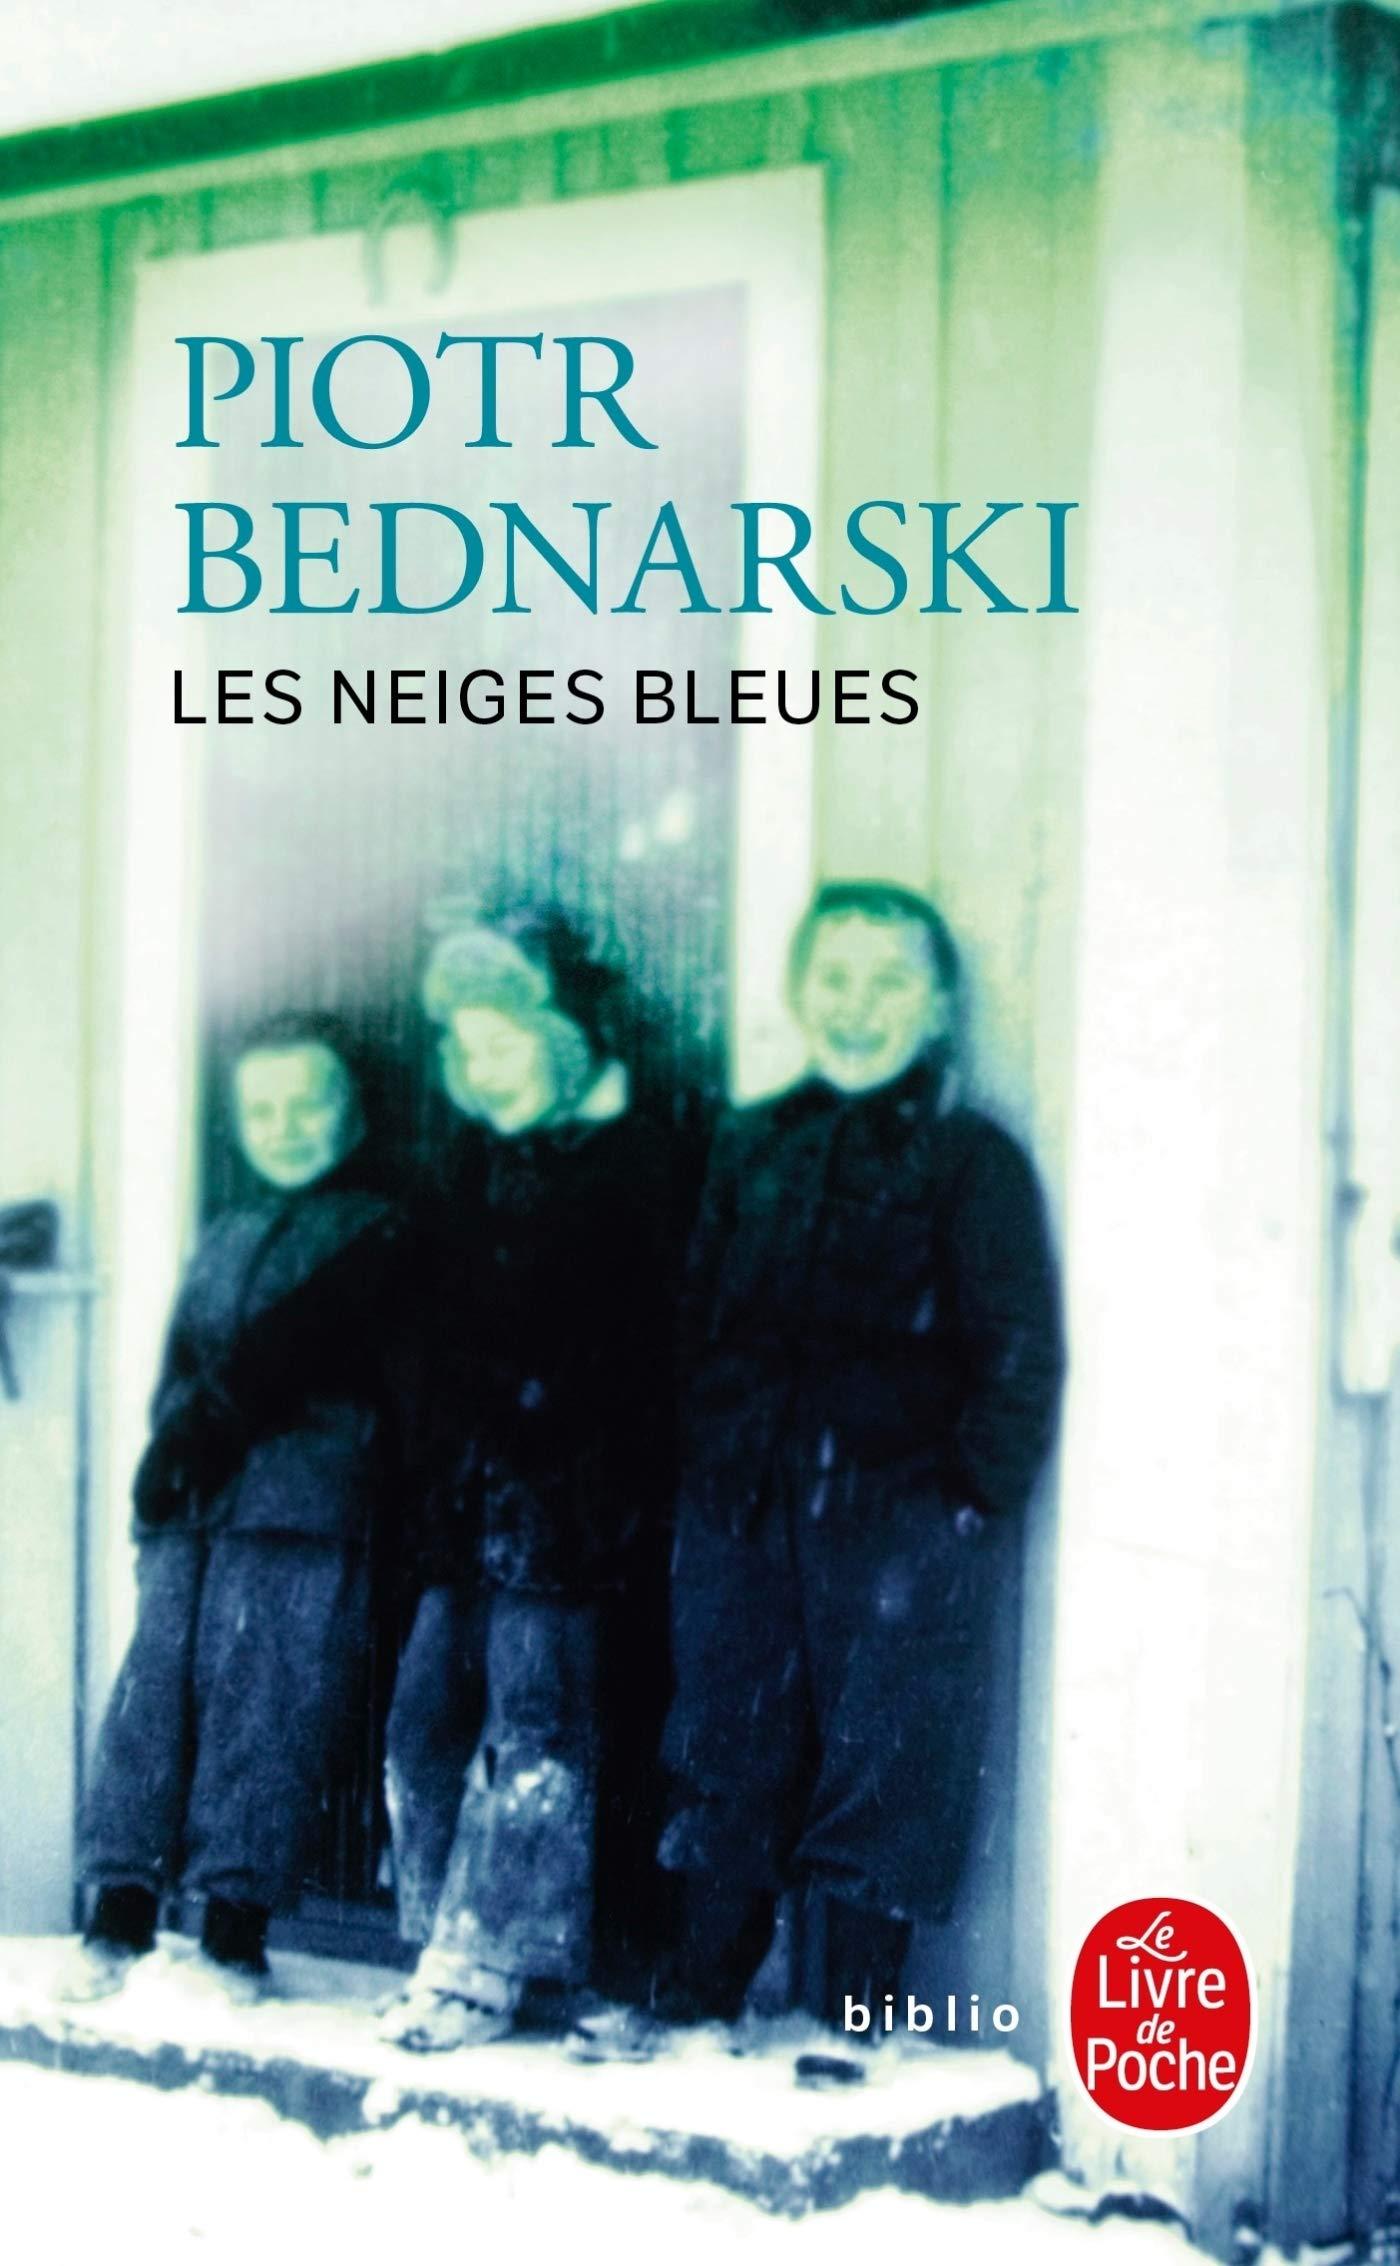 Amazon.fr - Les neiges bleues (cc) - Bednarski, Piotr - Livres